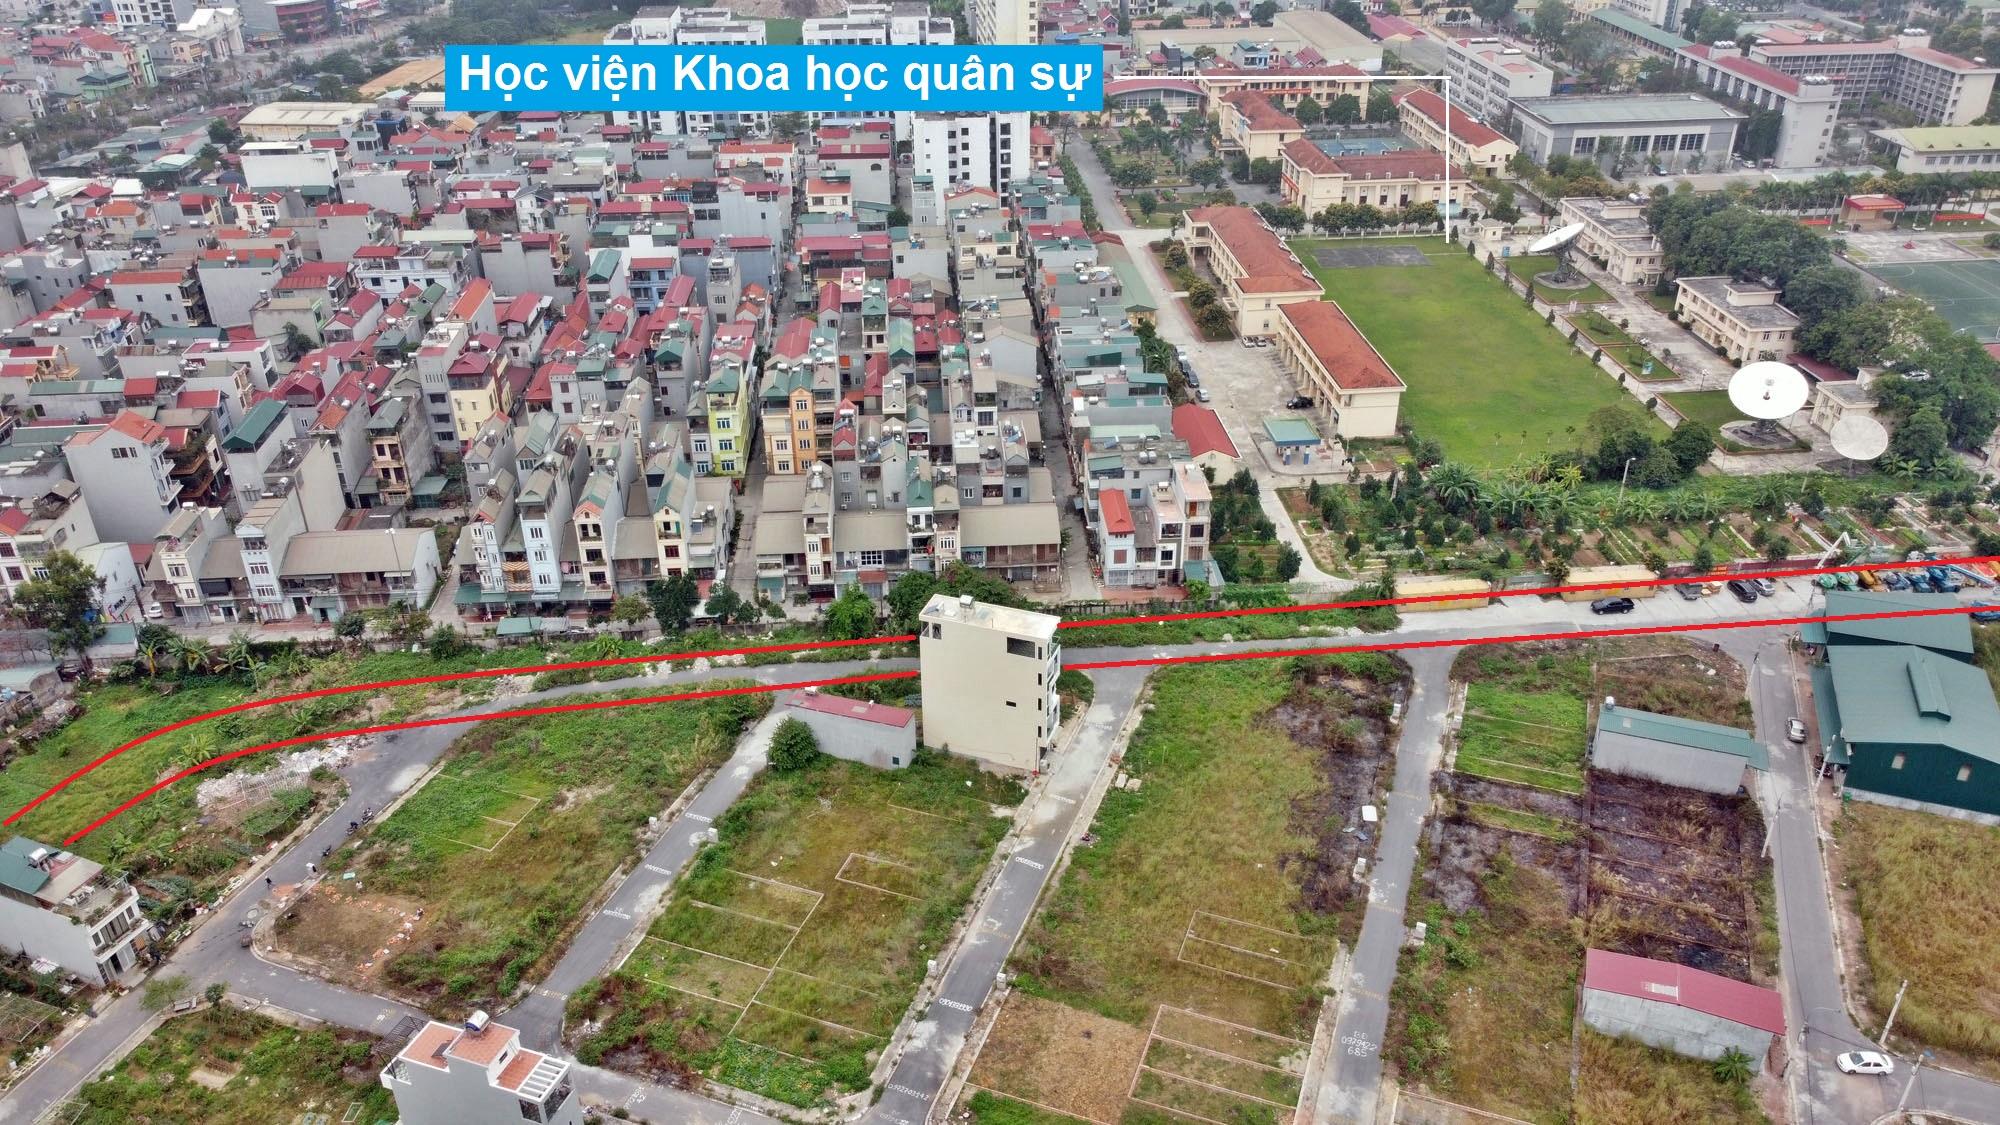 Đường sẽ mở theo quy hoạch ở xã Kim Chung, Hoài Đức, Hà Nội (phần 2) - Ảnh 8.